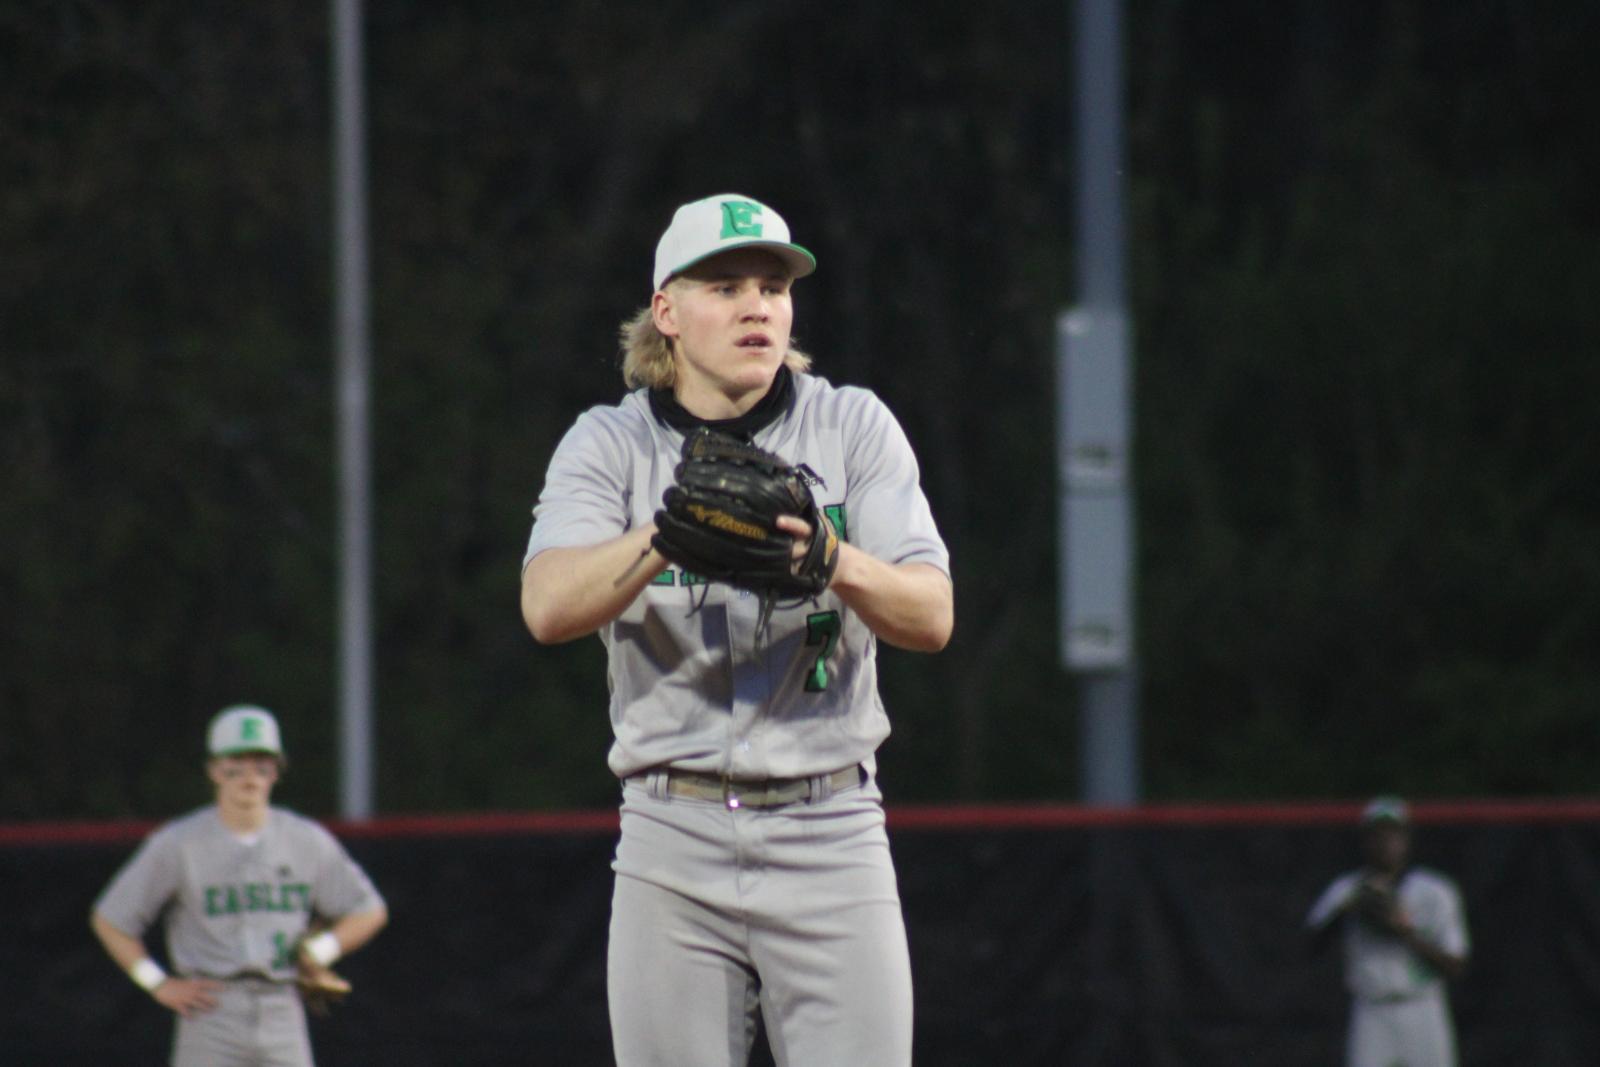 PHOTO GALLERY: Varsity Baseball vs BHP